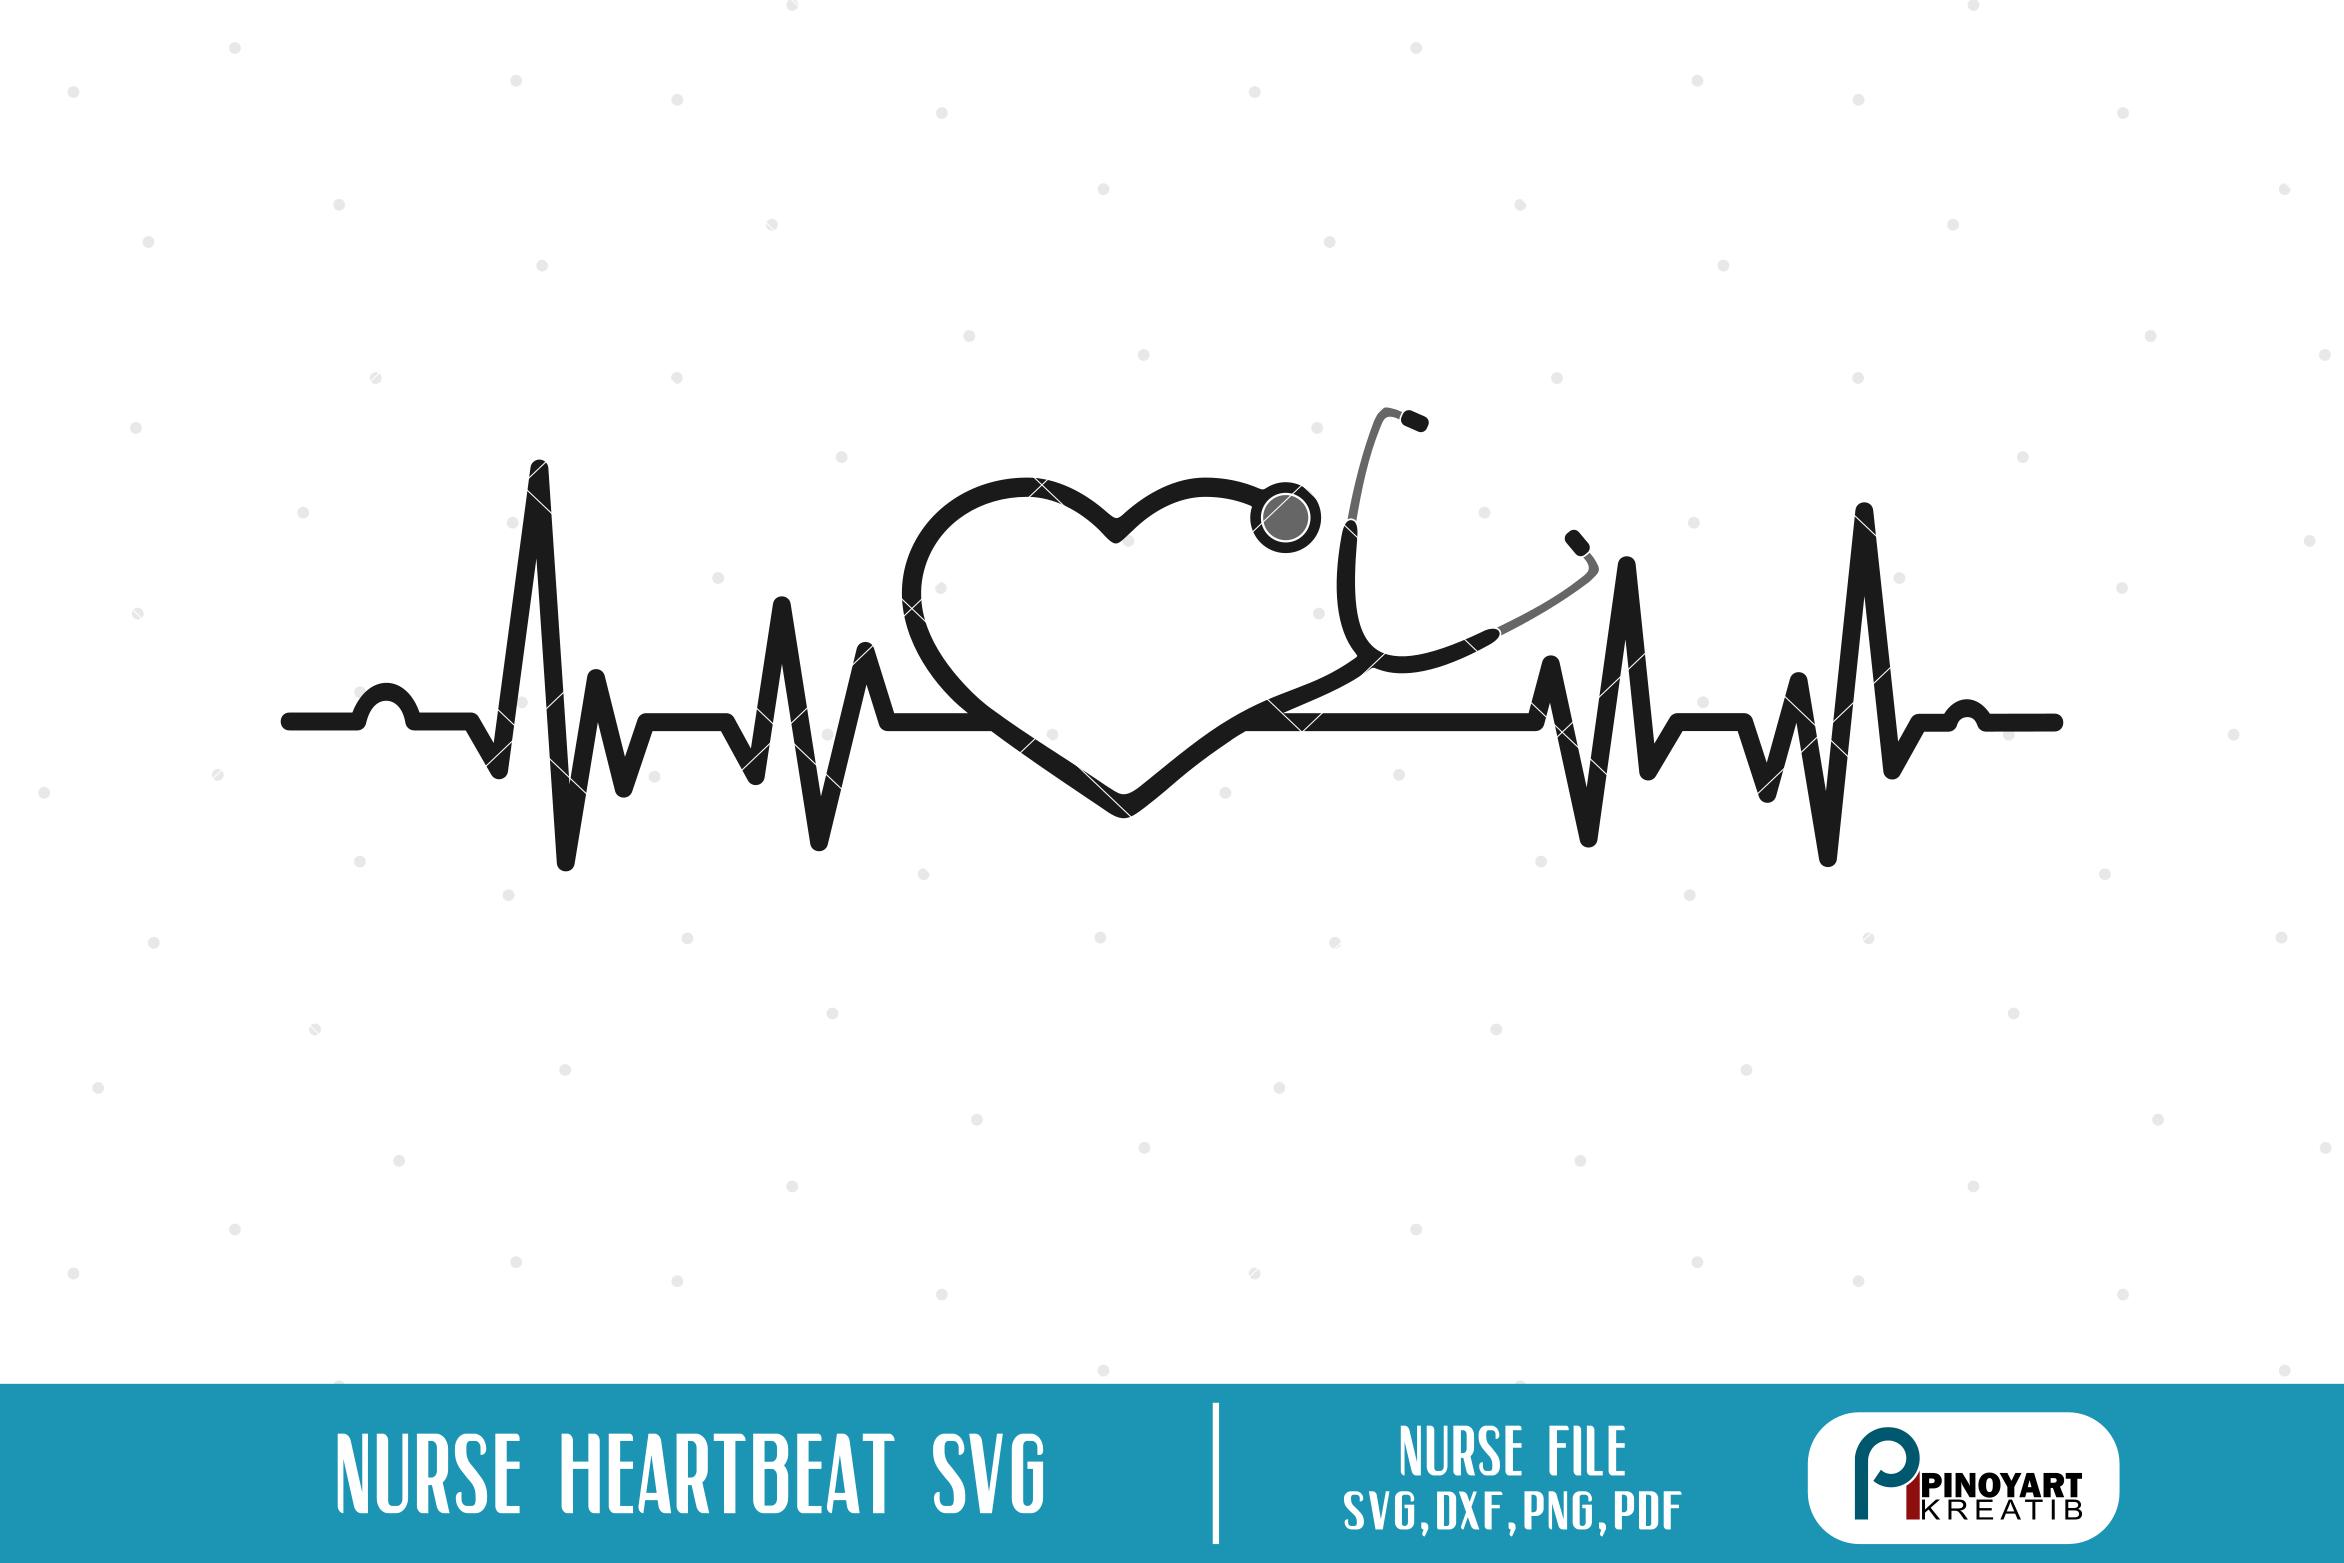 Heartbeat clipart file. Nurse svg vector sale